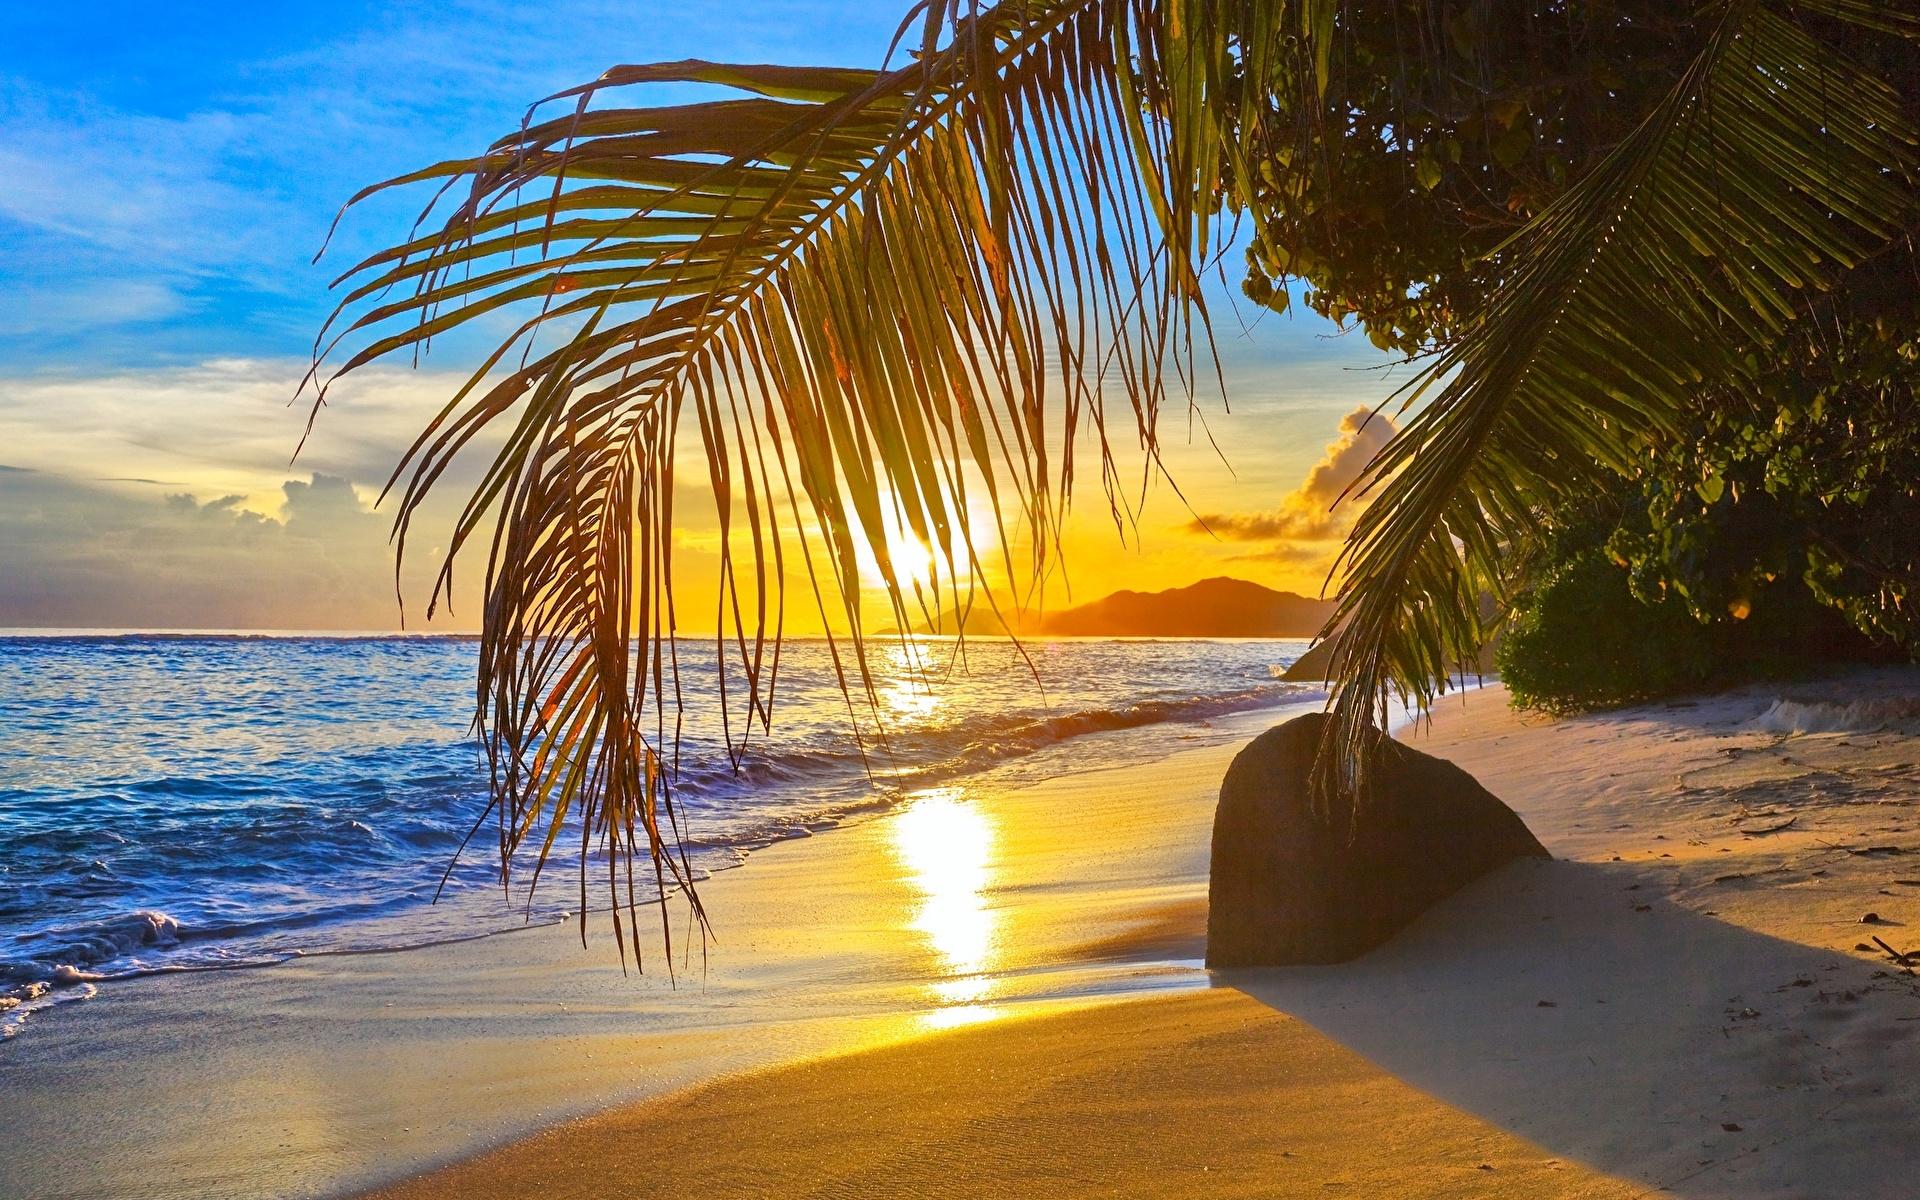 fotos von strand meer natur palmengewächse 1920x1200